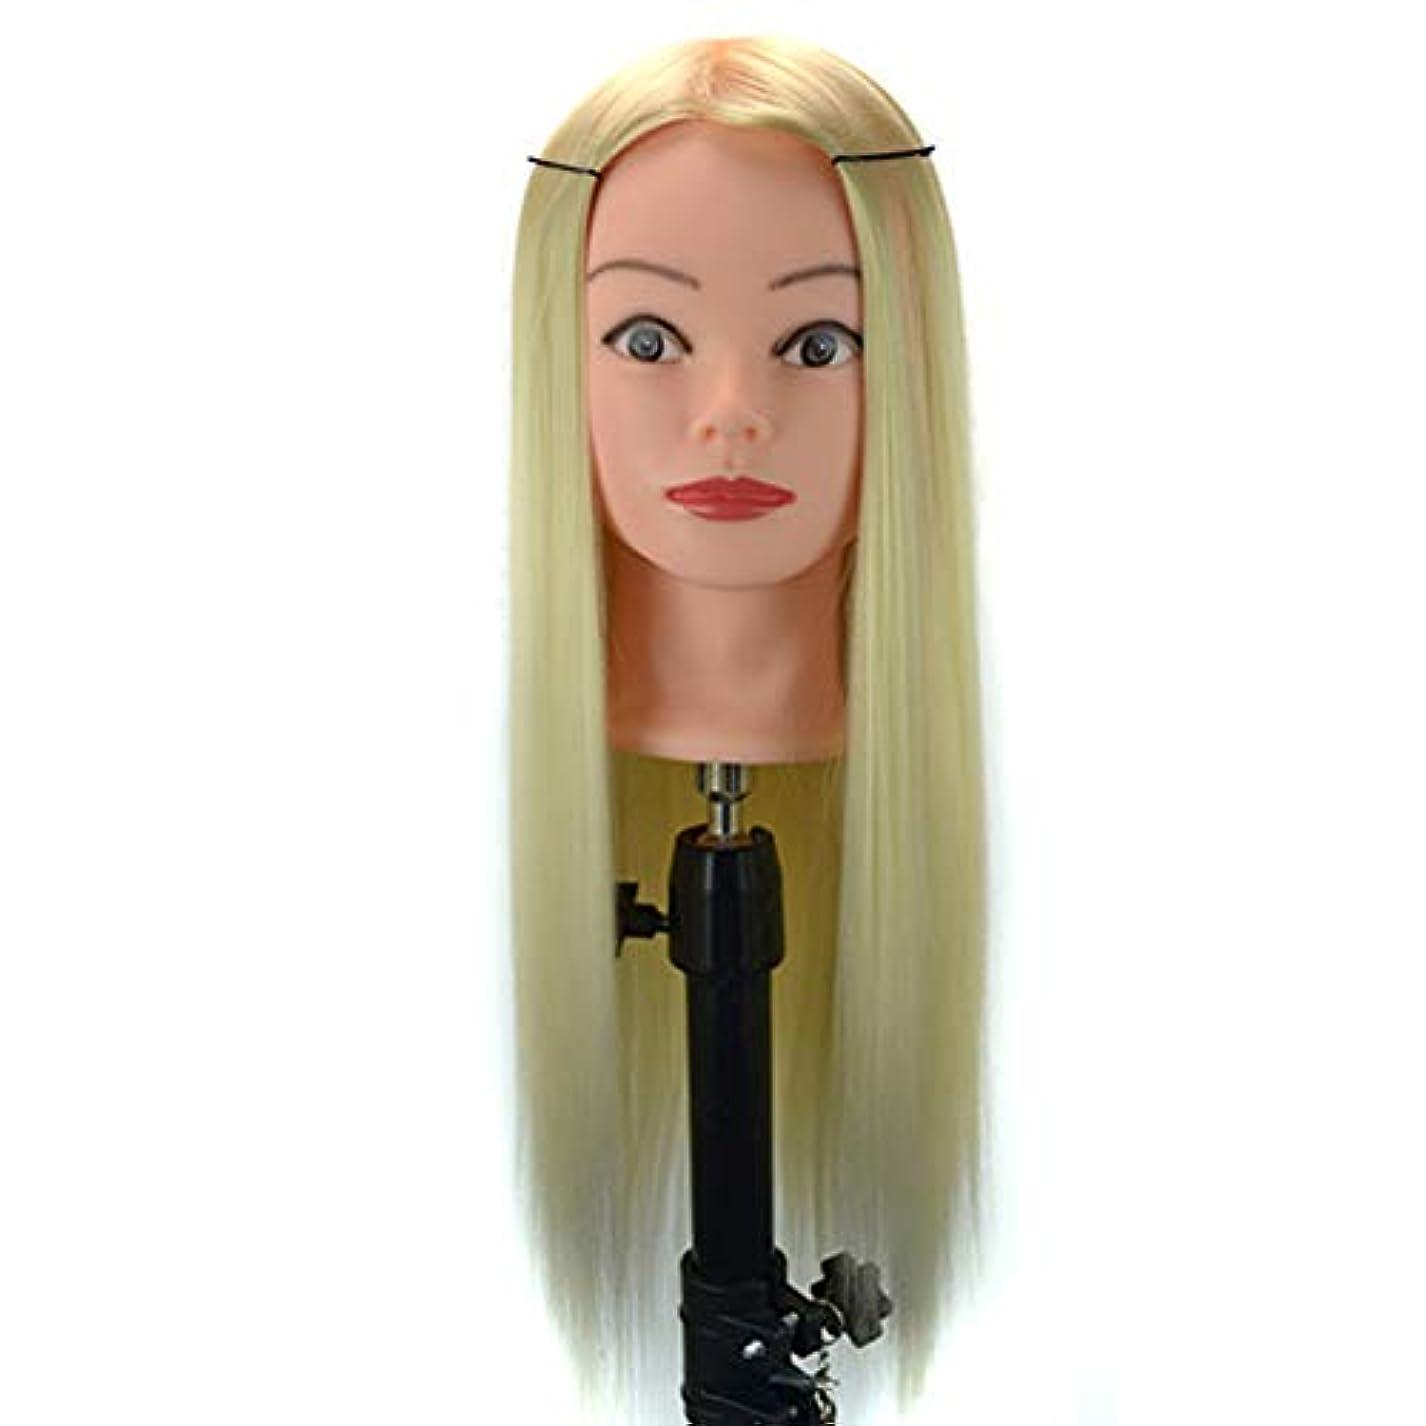 偶然の写真を描く枕高温ワイヤートレーニングヘッド理髪マネキン人形ヘッドメイクプレートヘアー練習帽子ジュエリーディスプレイヘッド金型,offwhite